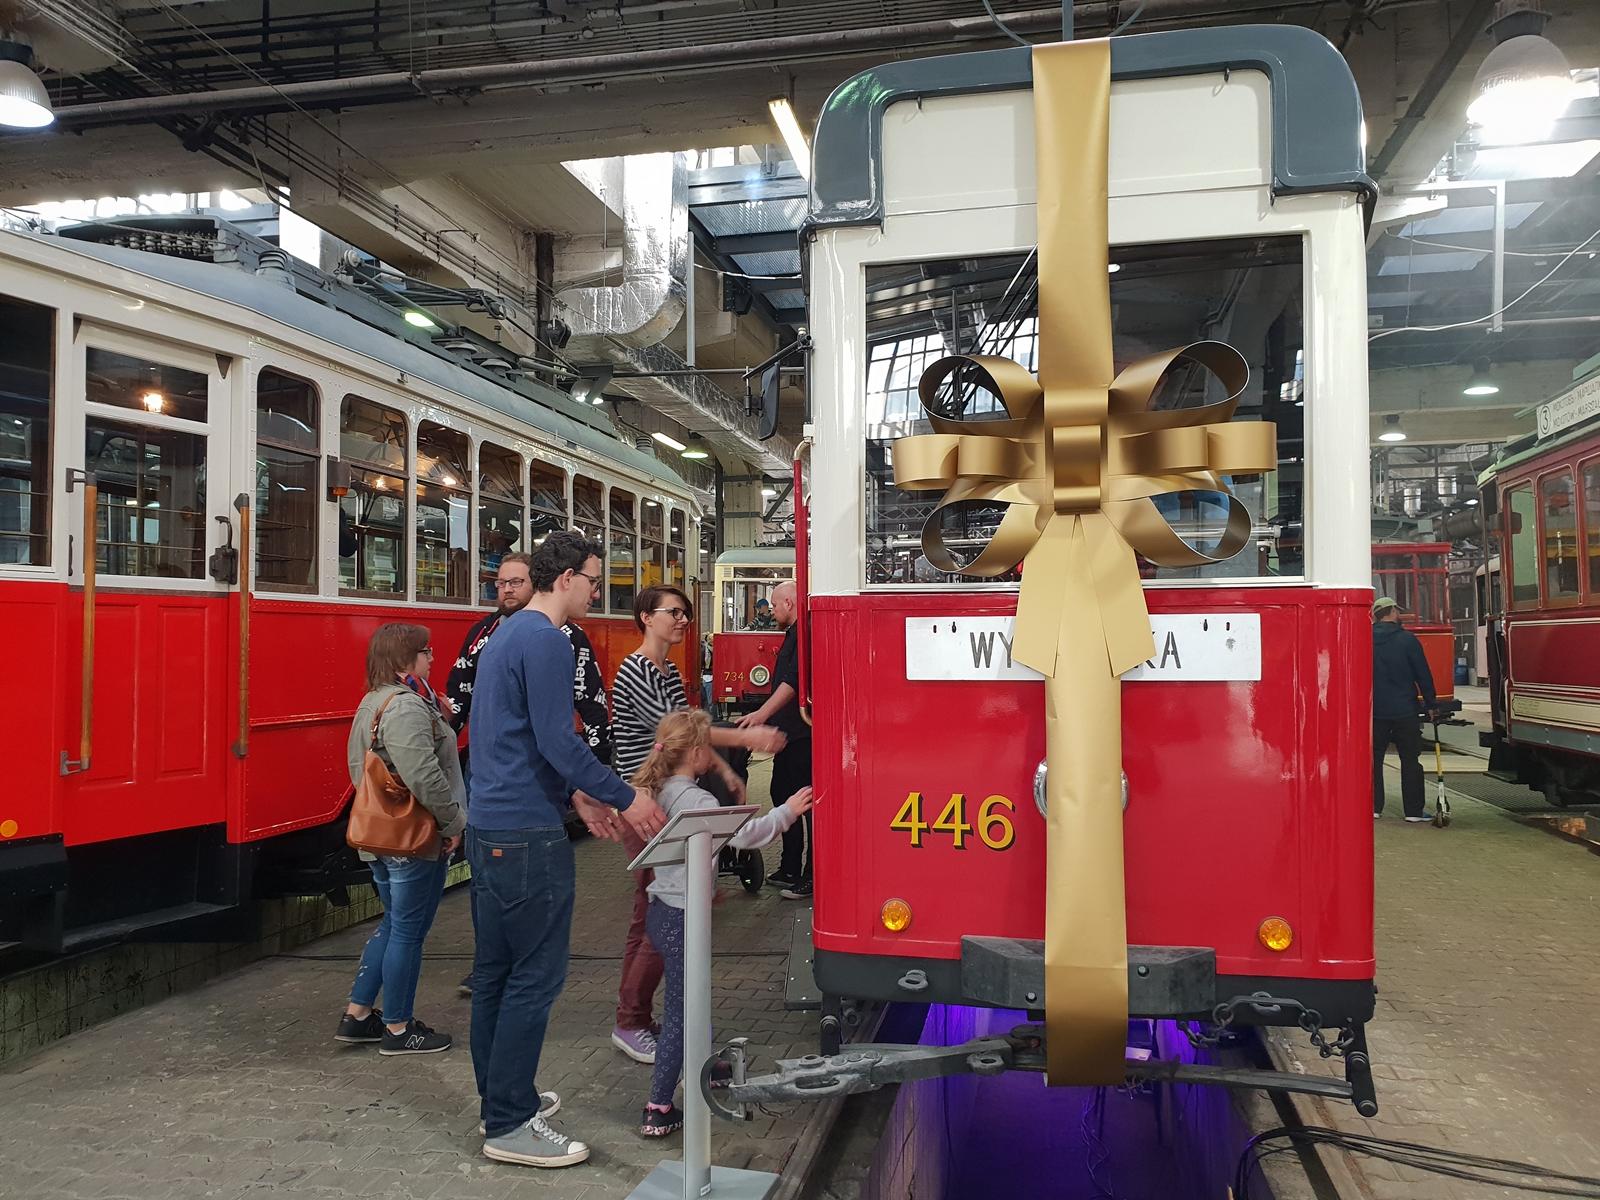 dzień transportu publicznego